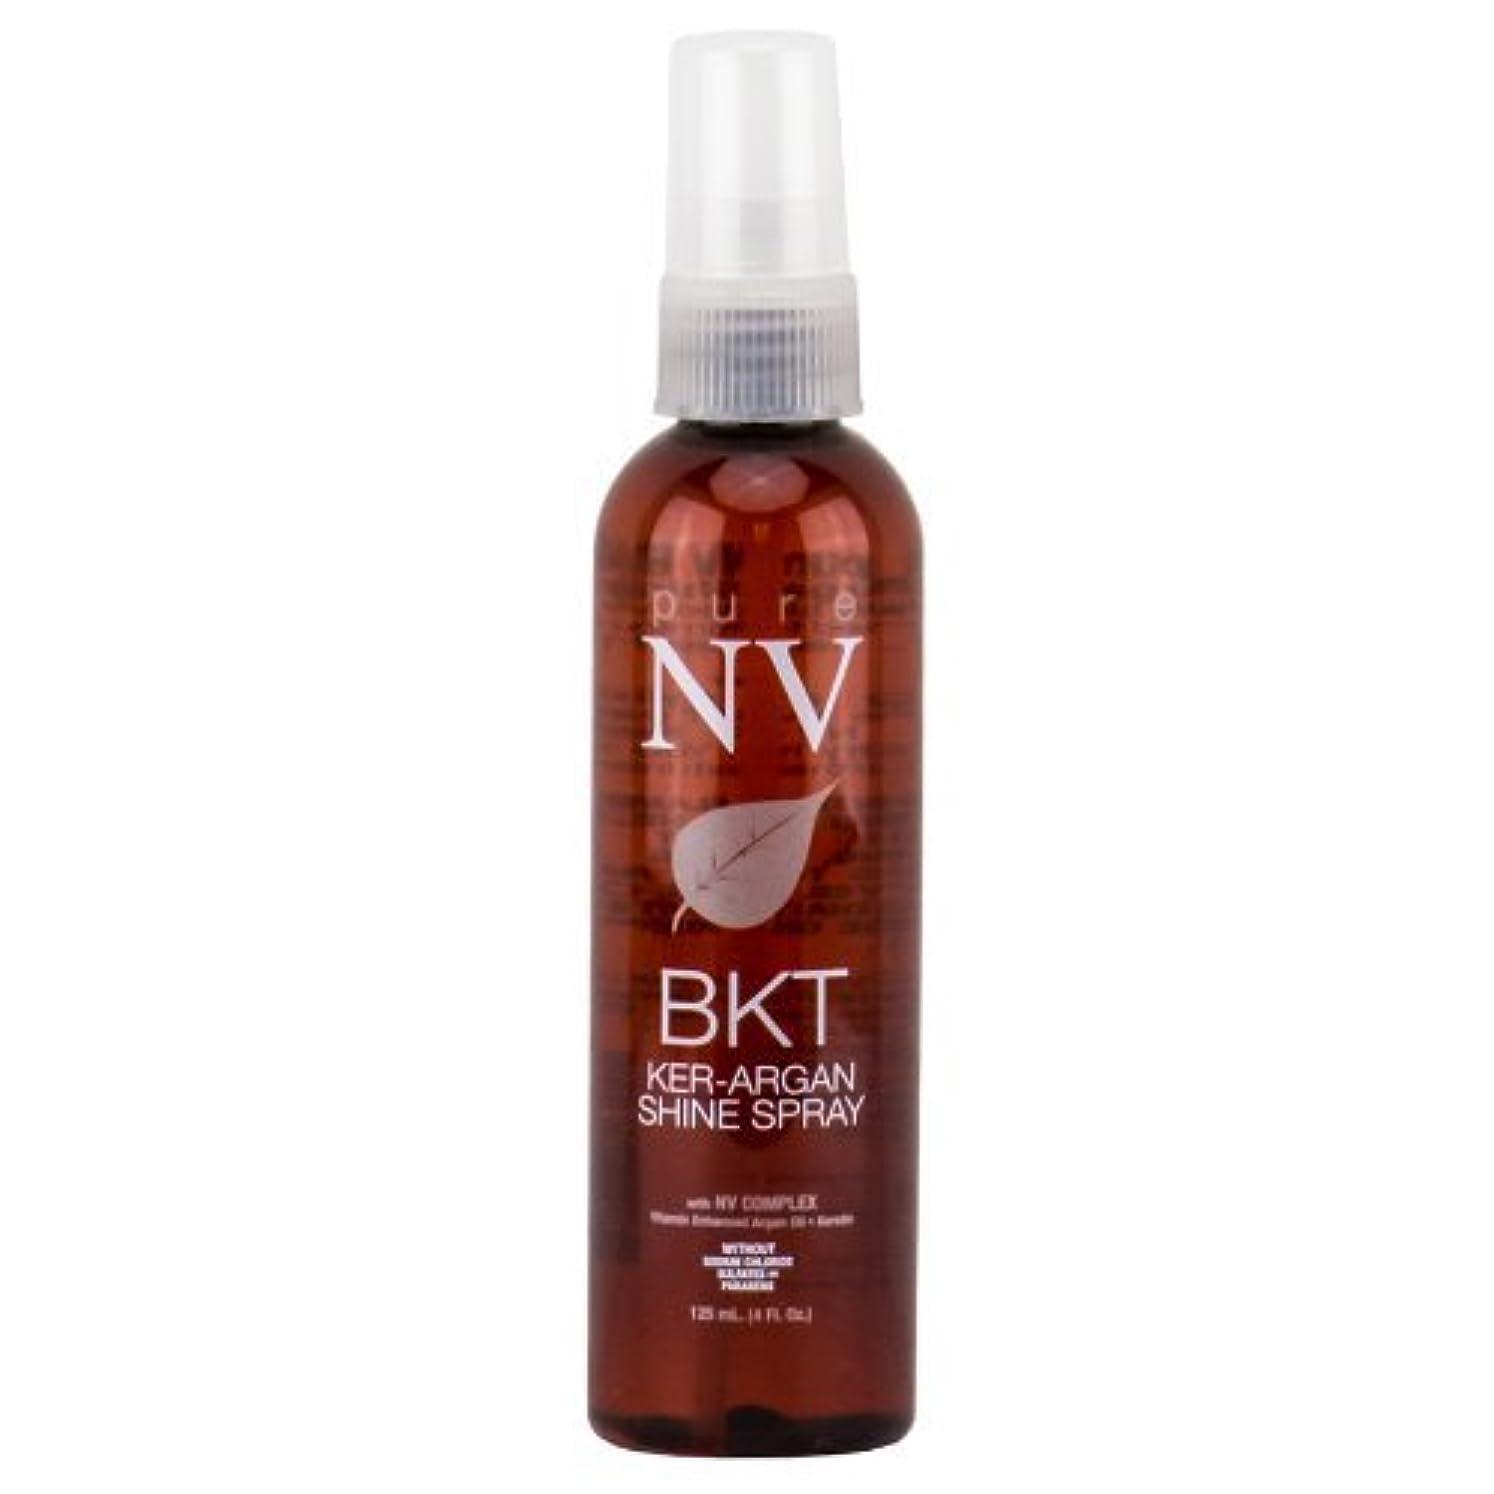 襟感謝している実現可能Pure NV BKT KER-アルガンシャインスプレー - 4オンス 4オンス